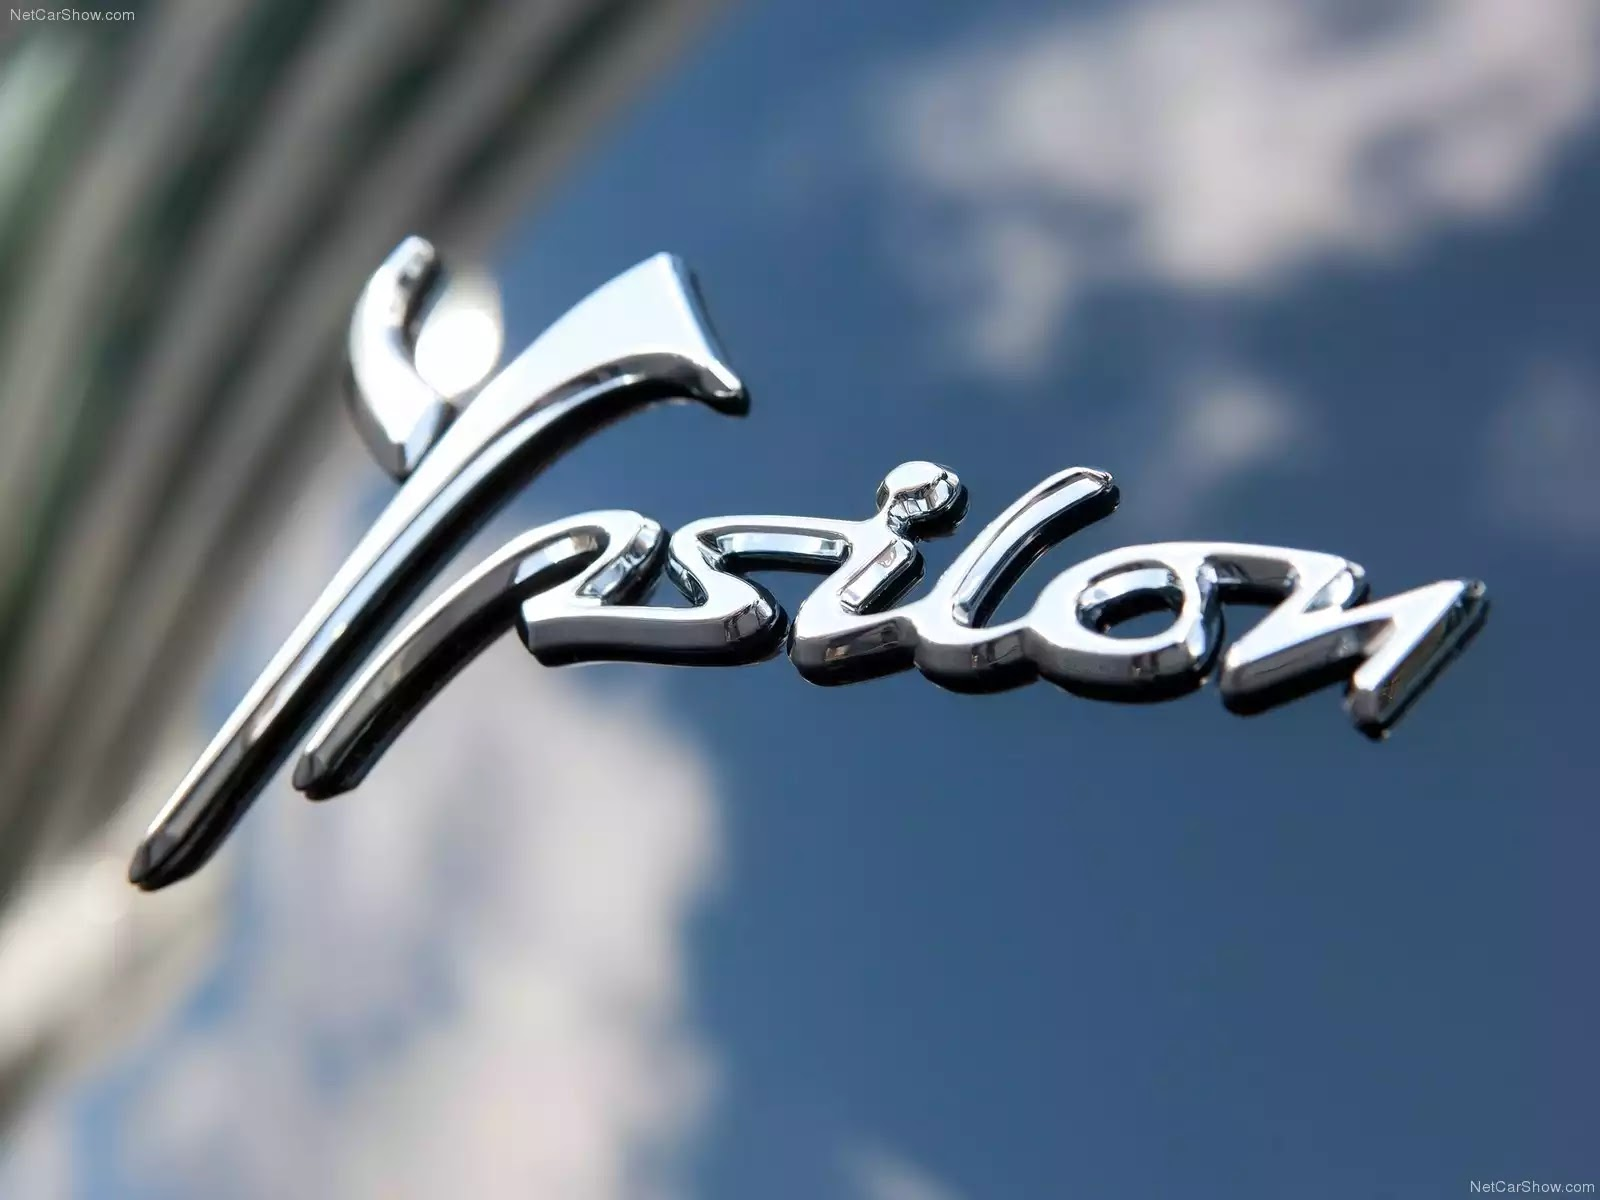 Hình ảnh xe ô tô Chrysler Ypsilon 2012 & nội ngoại thất